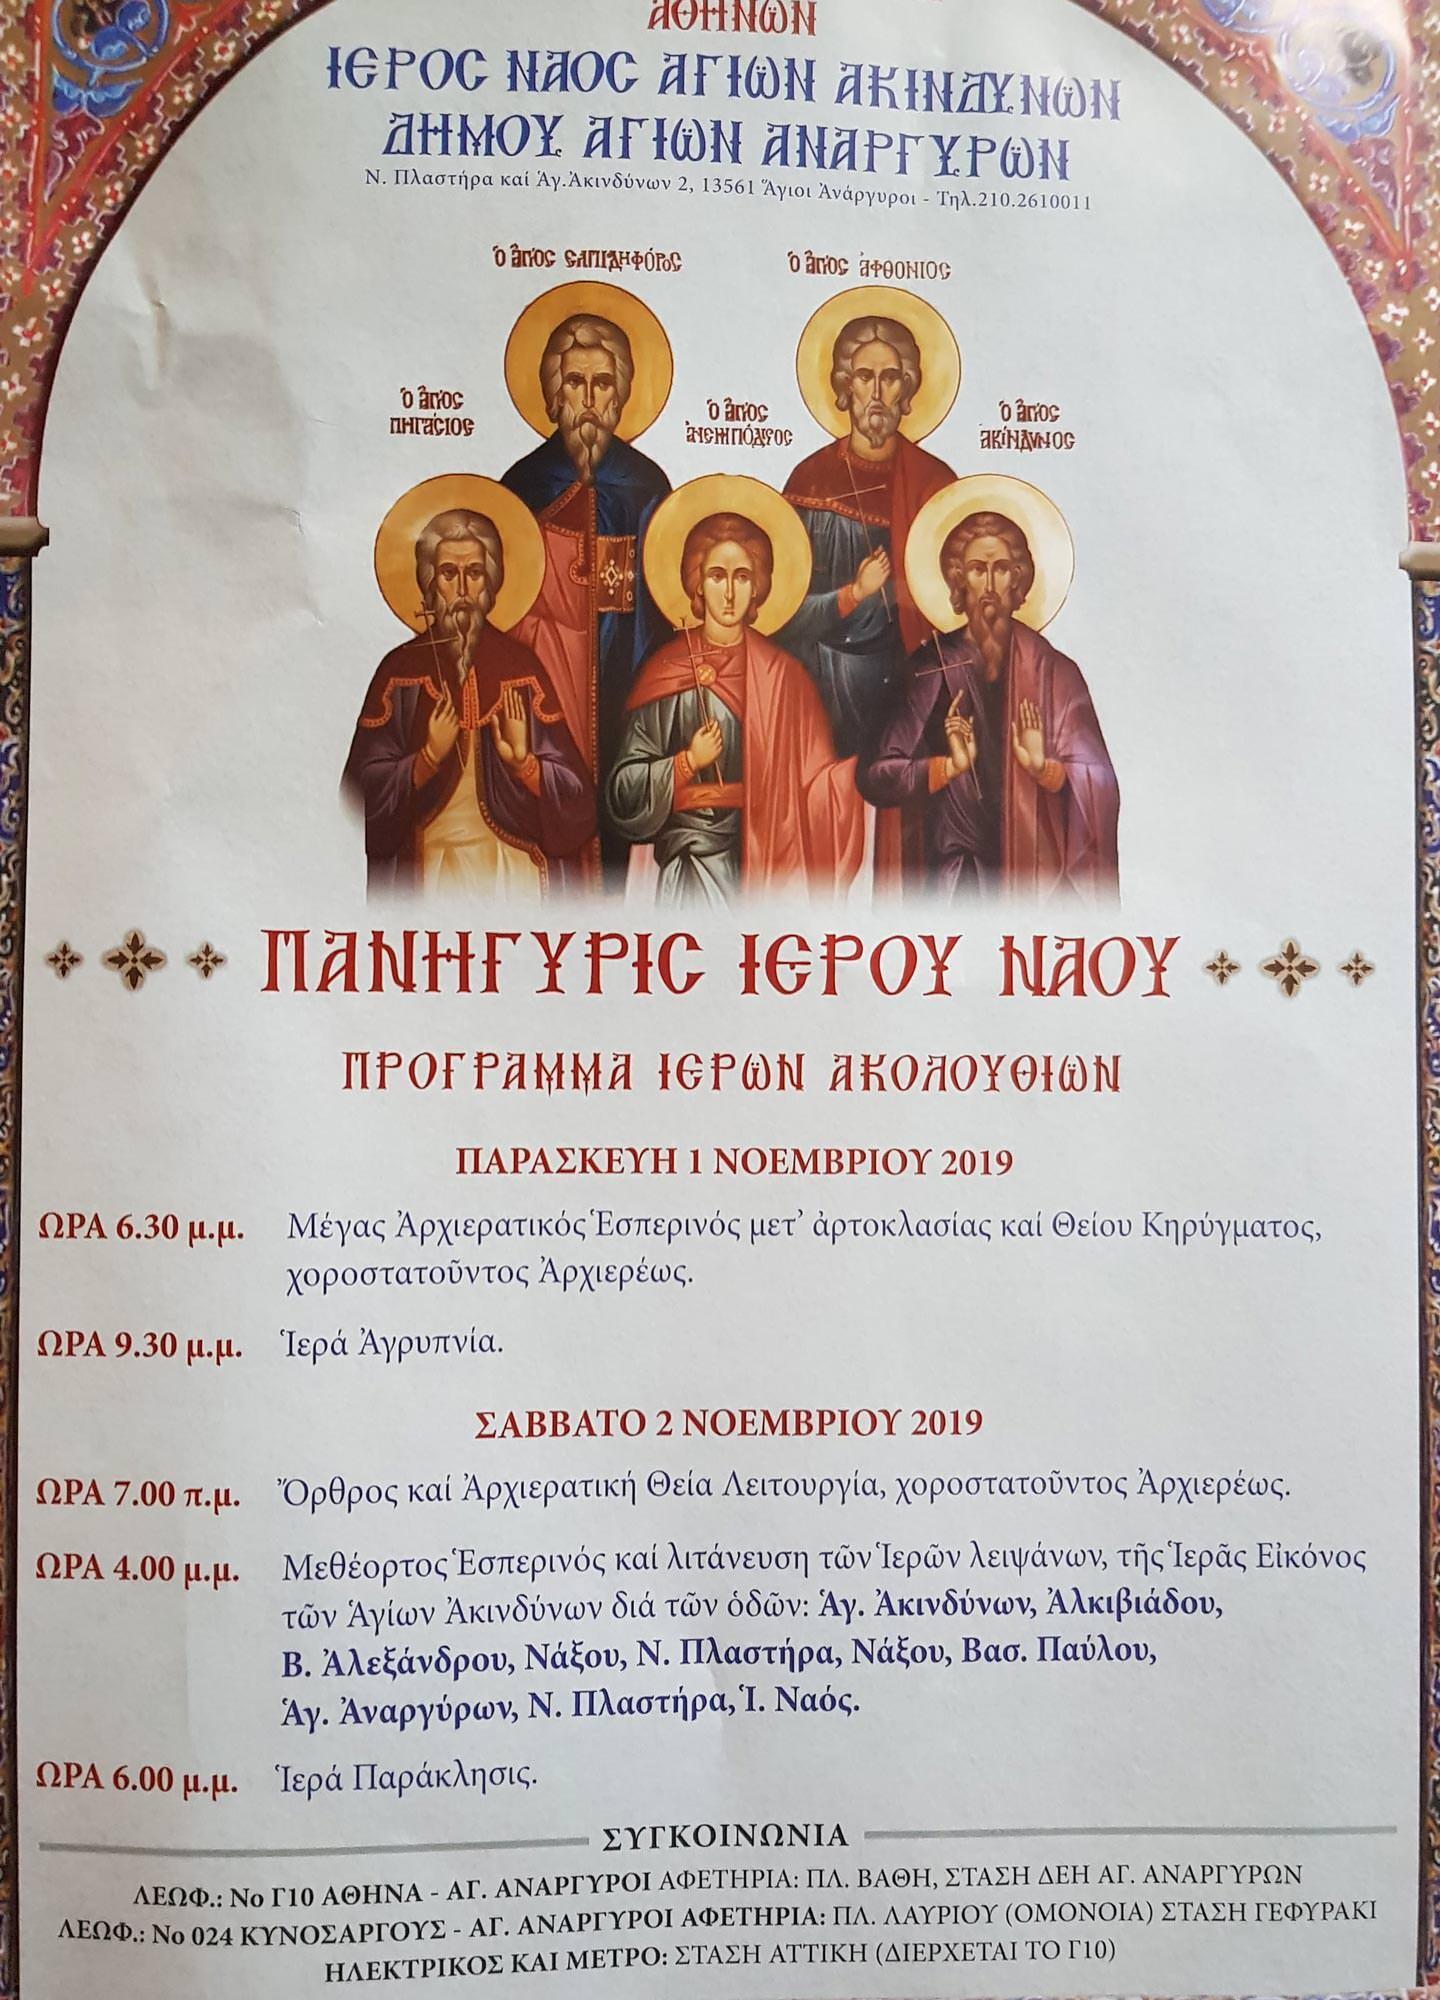 2 Νοεμβρίου Αγίων Ακινδύνων αφίσα